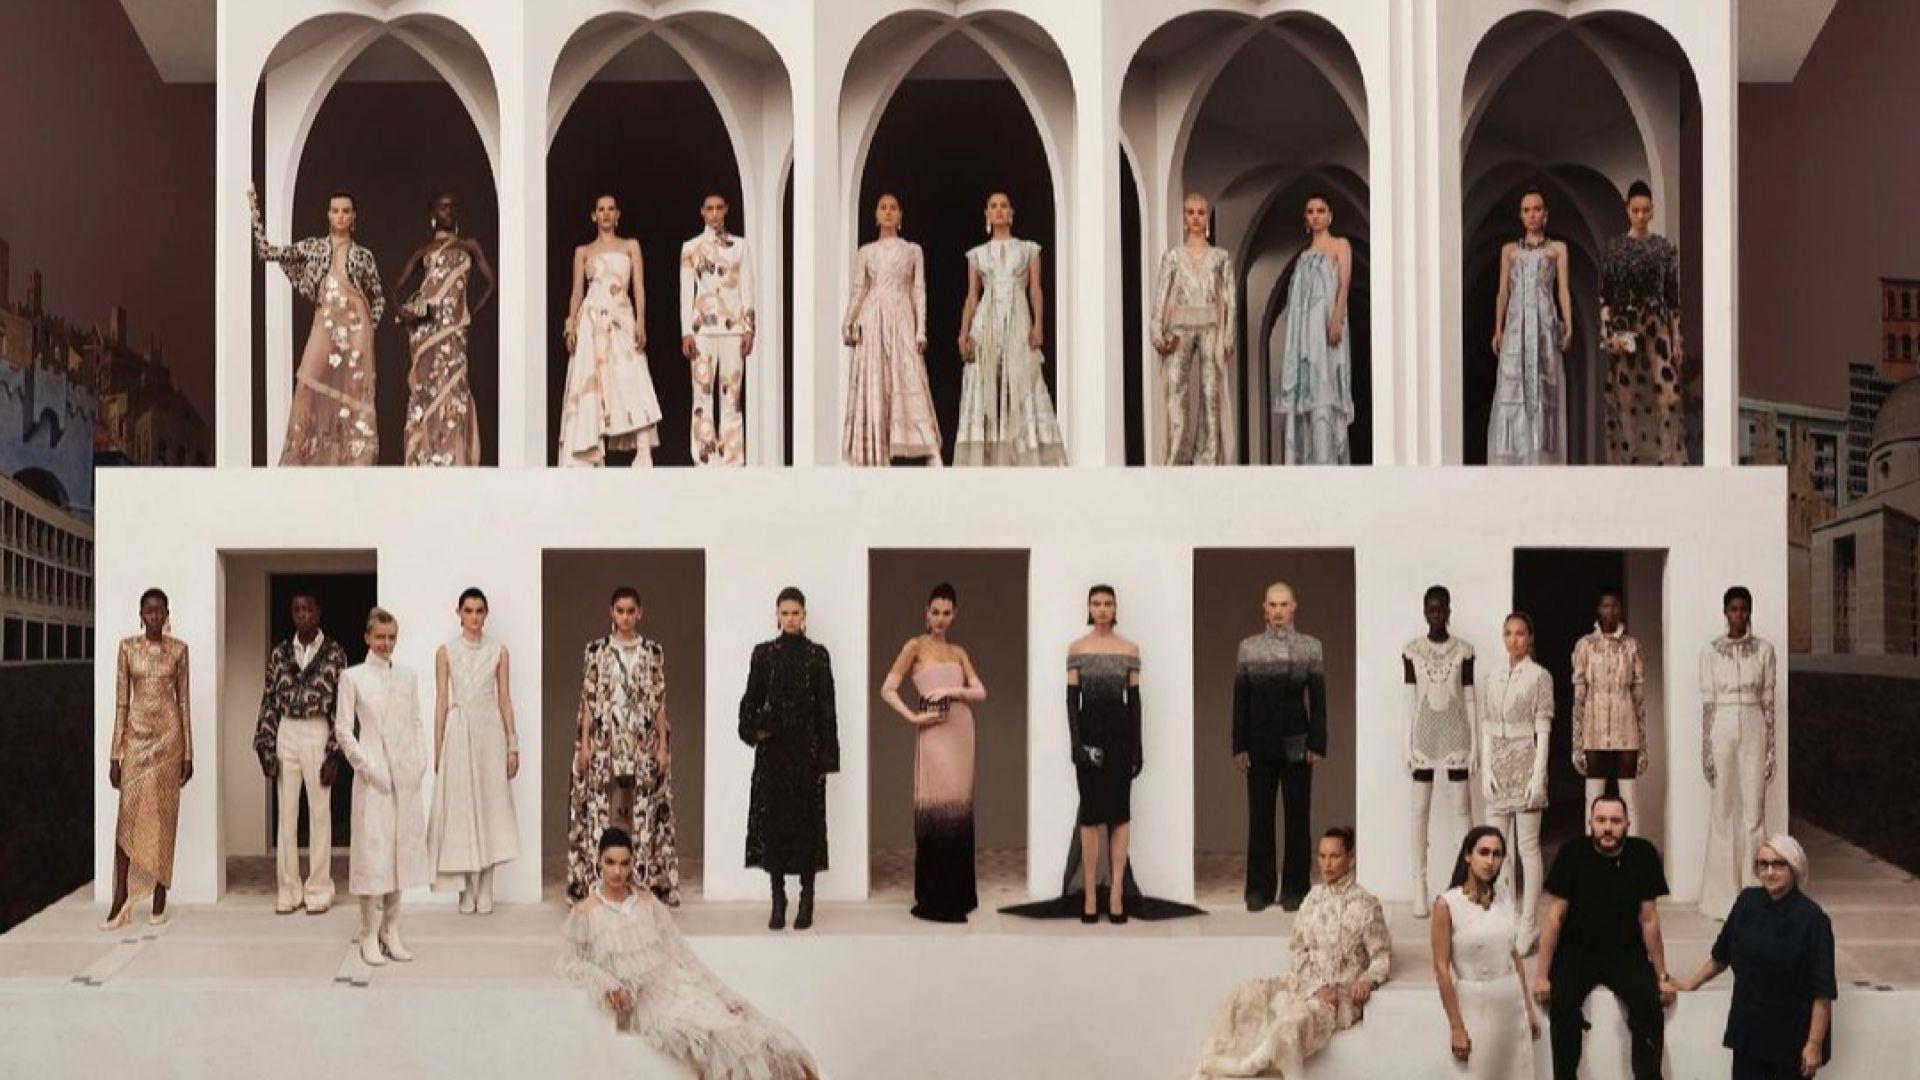 Fendi представи колекция висша мода, вдъхновена от образа на Рим във филм на Пазолини